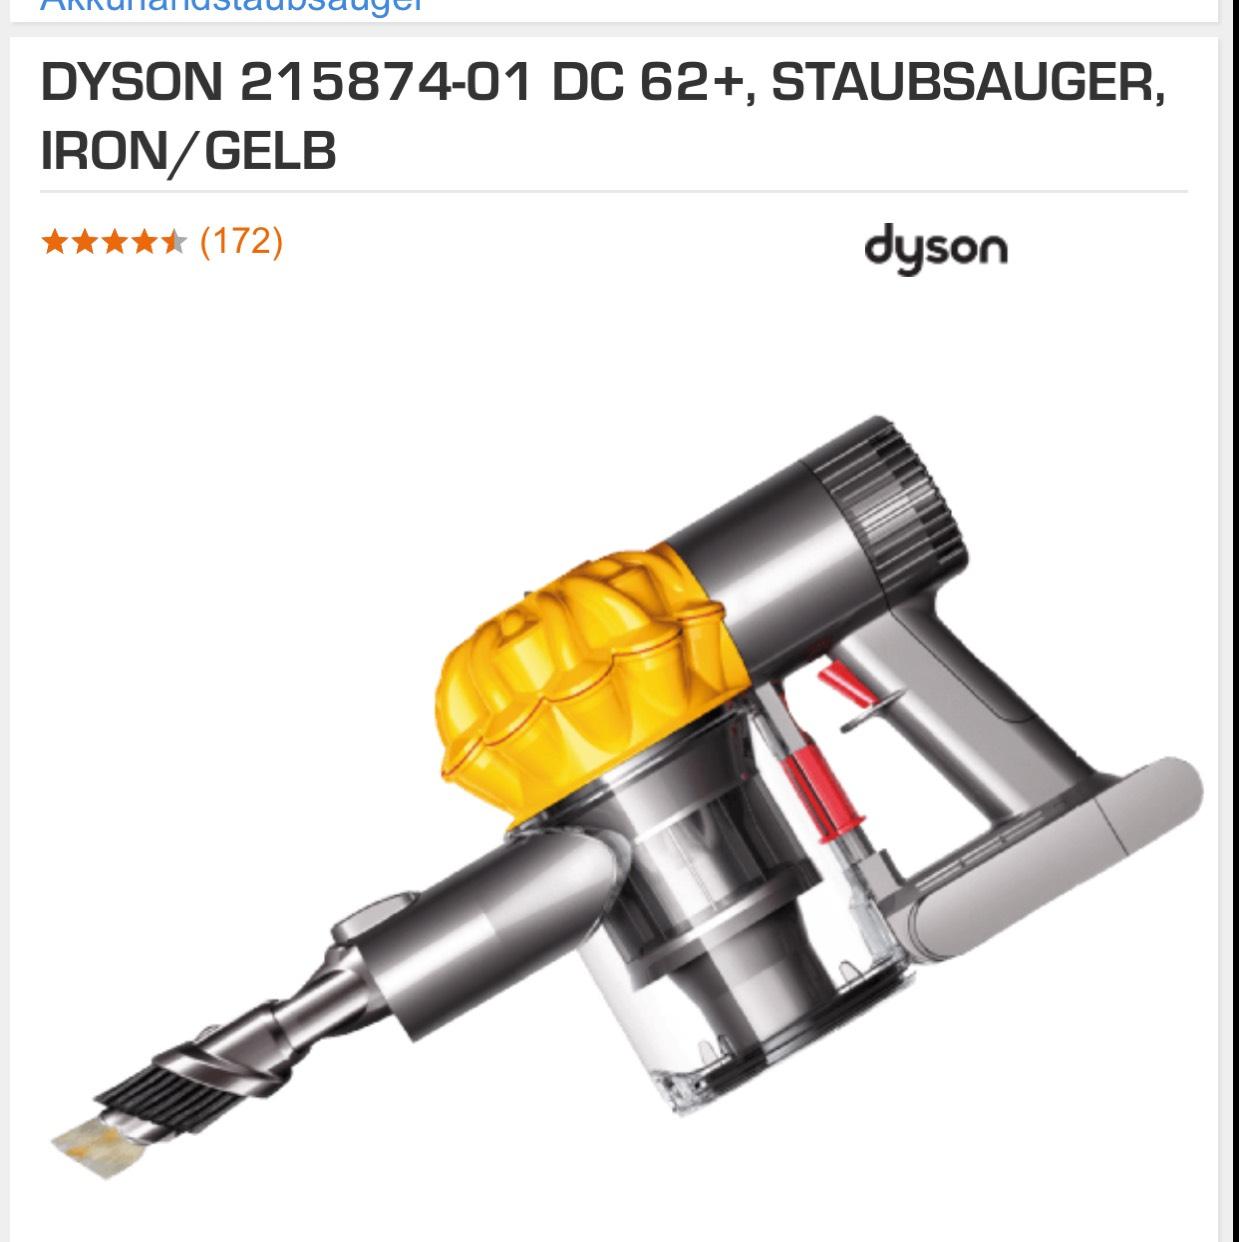 Abgelaufen!! Dyson DC 62+ (V6 Motor) Staubsauger Saturn online